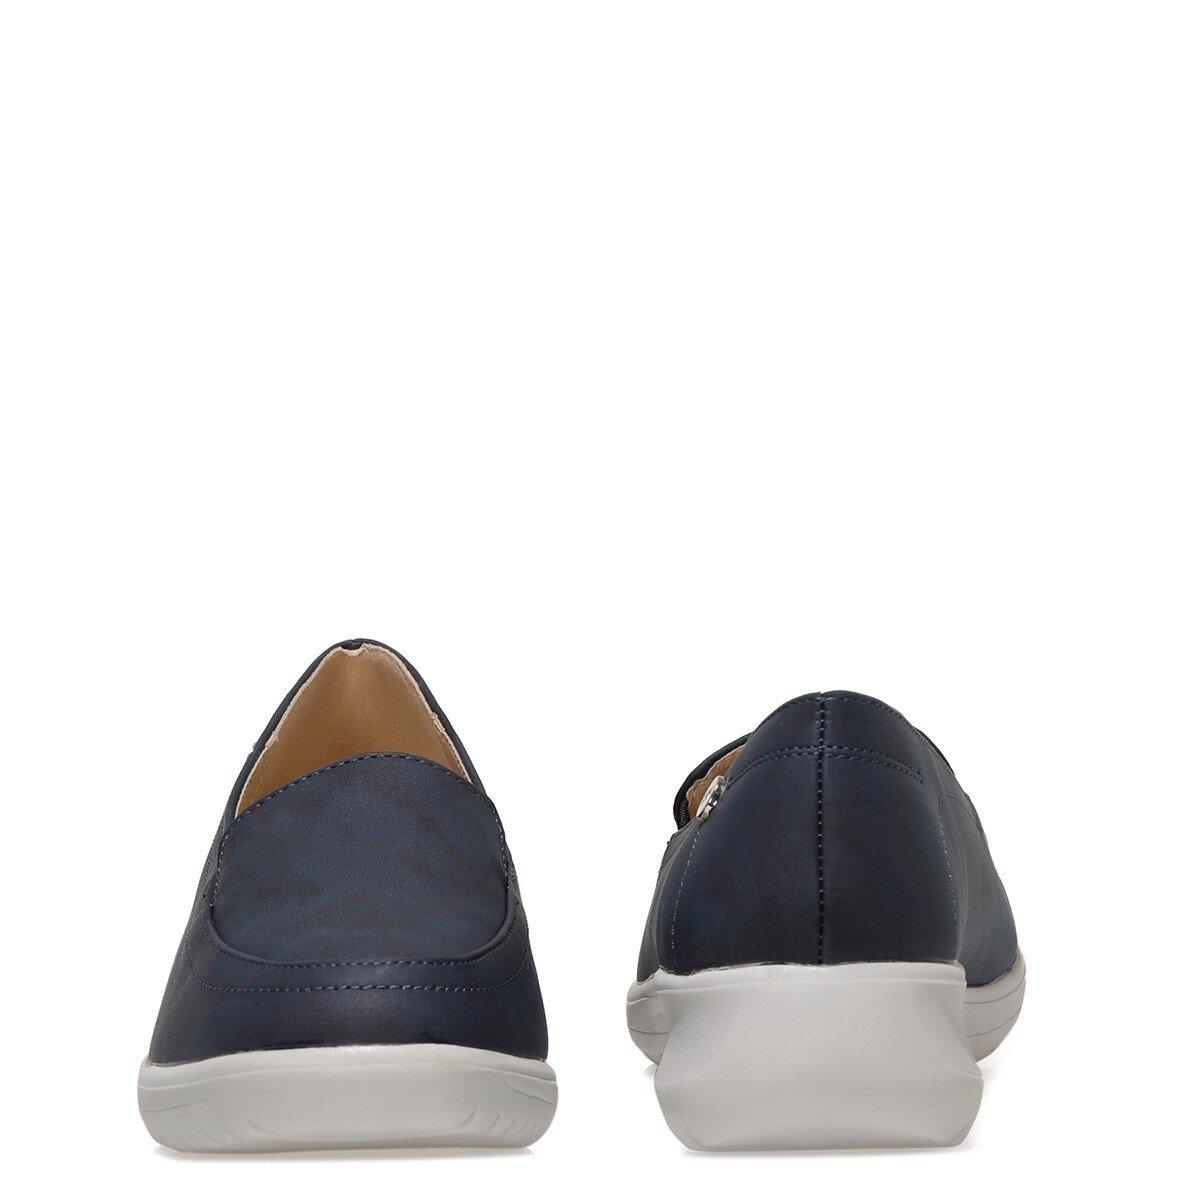 ISLA 1FX Lacivert Kadın Loafer Ayakkabı